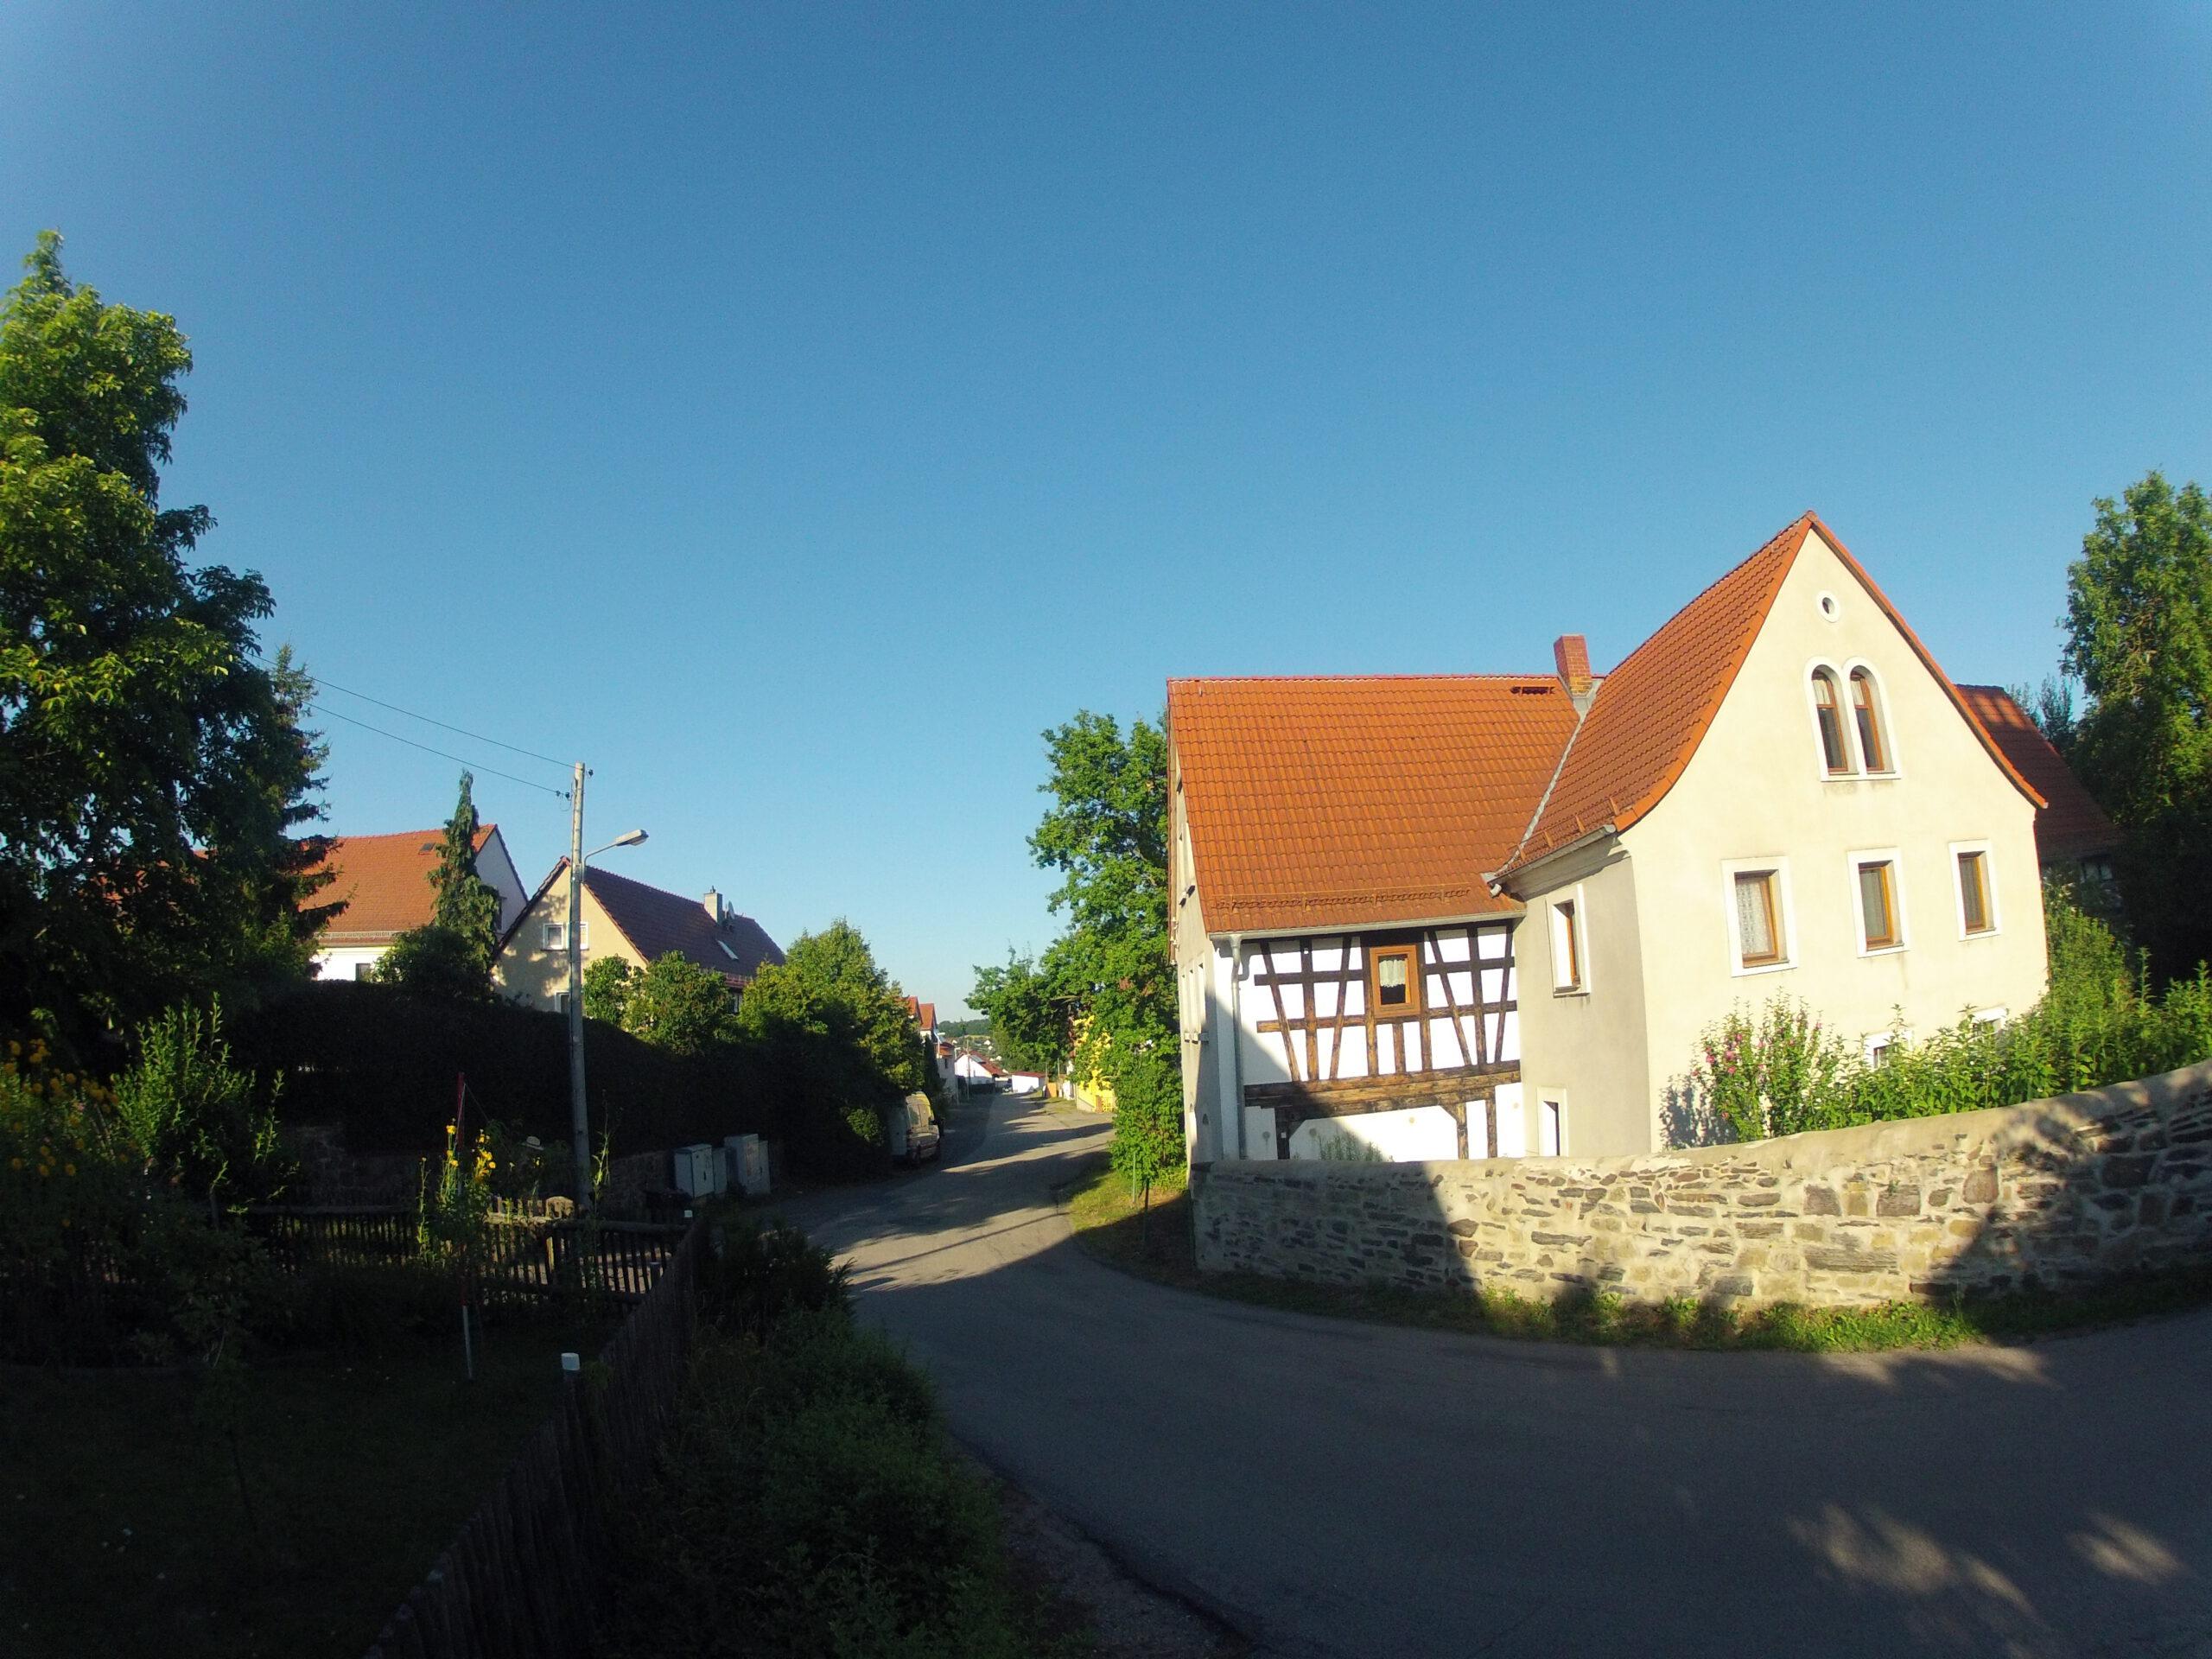 Oberes Dorf